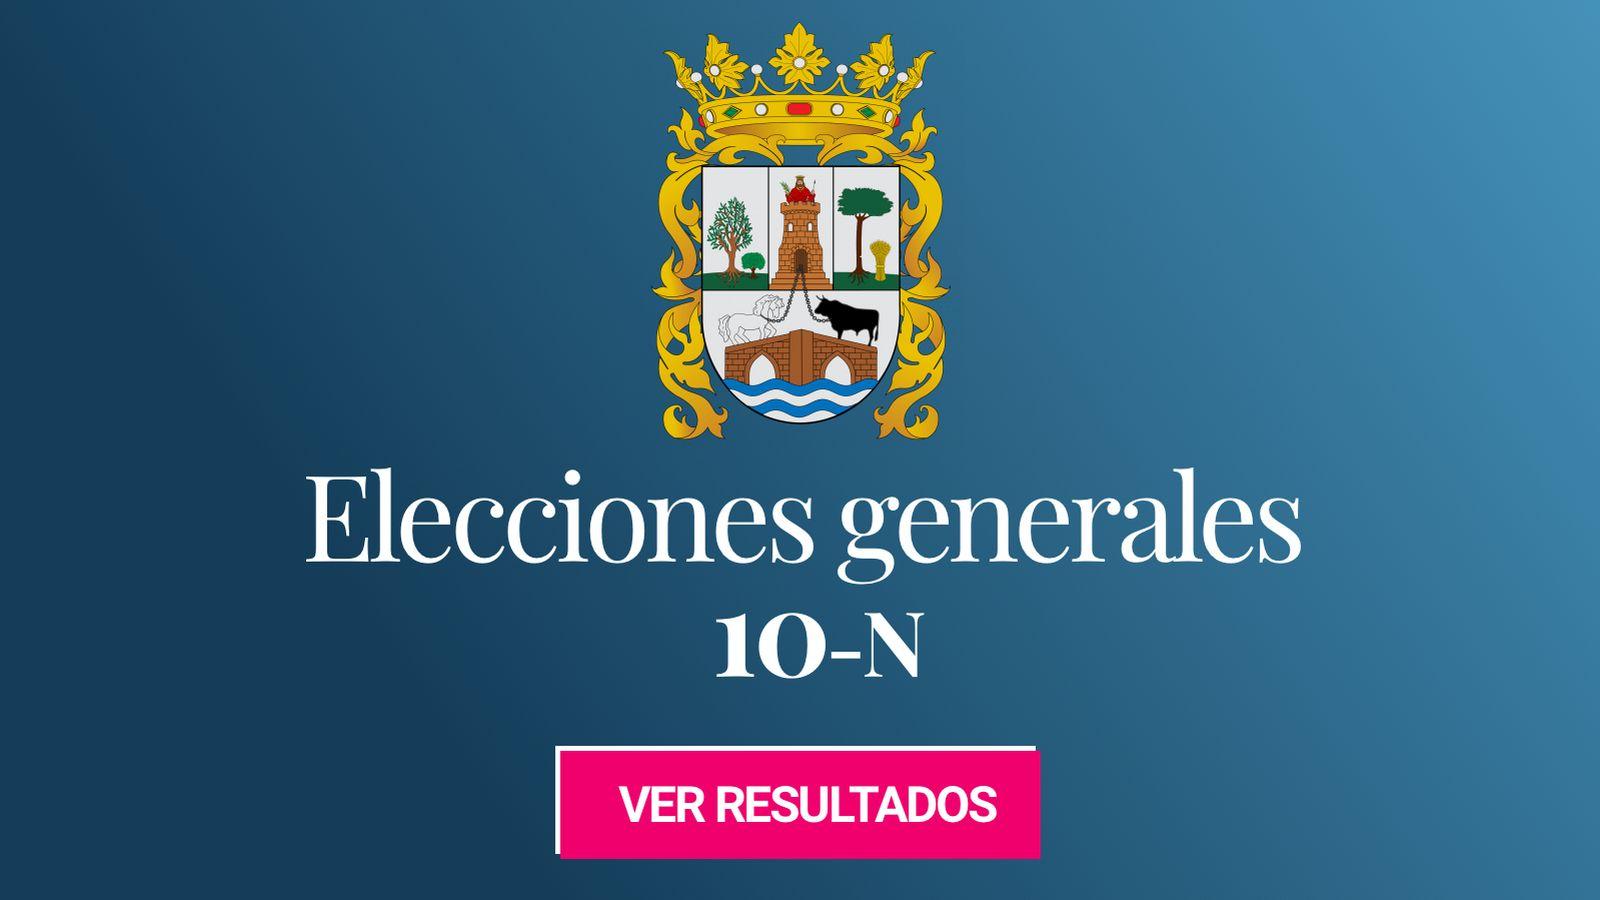 Foto: Elecciones generales 2019 en Utrera. (C.C./EC)